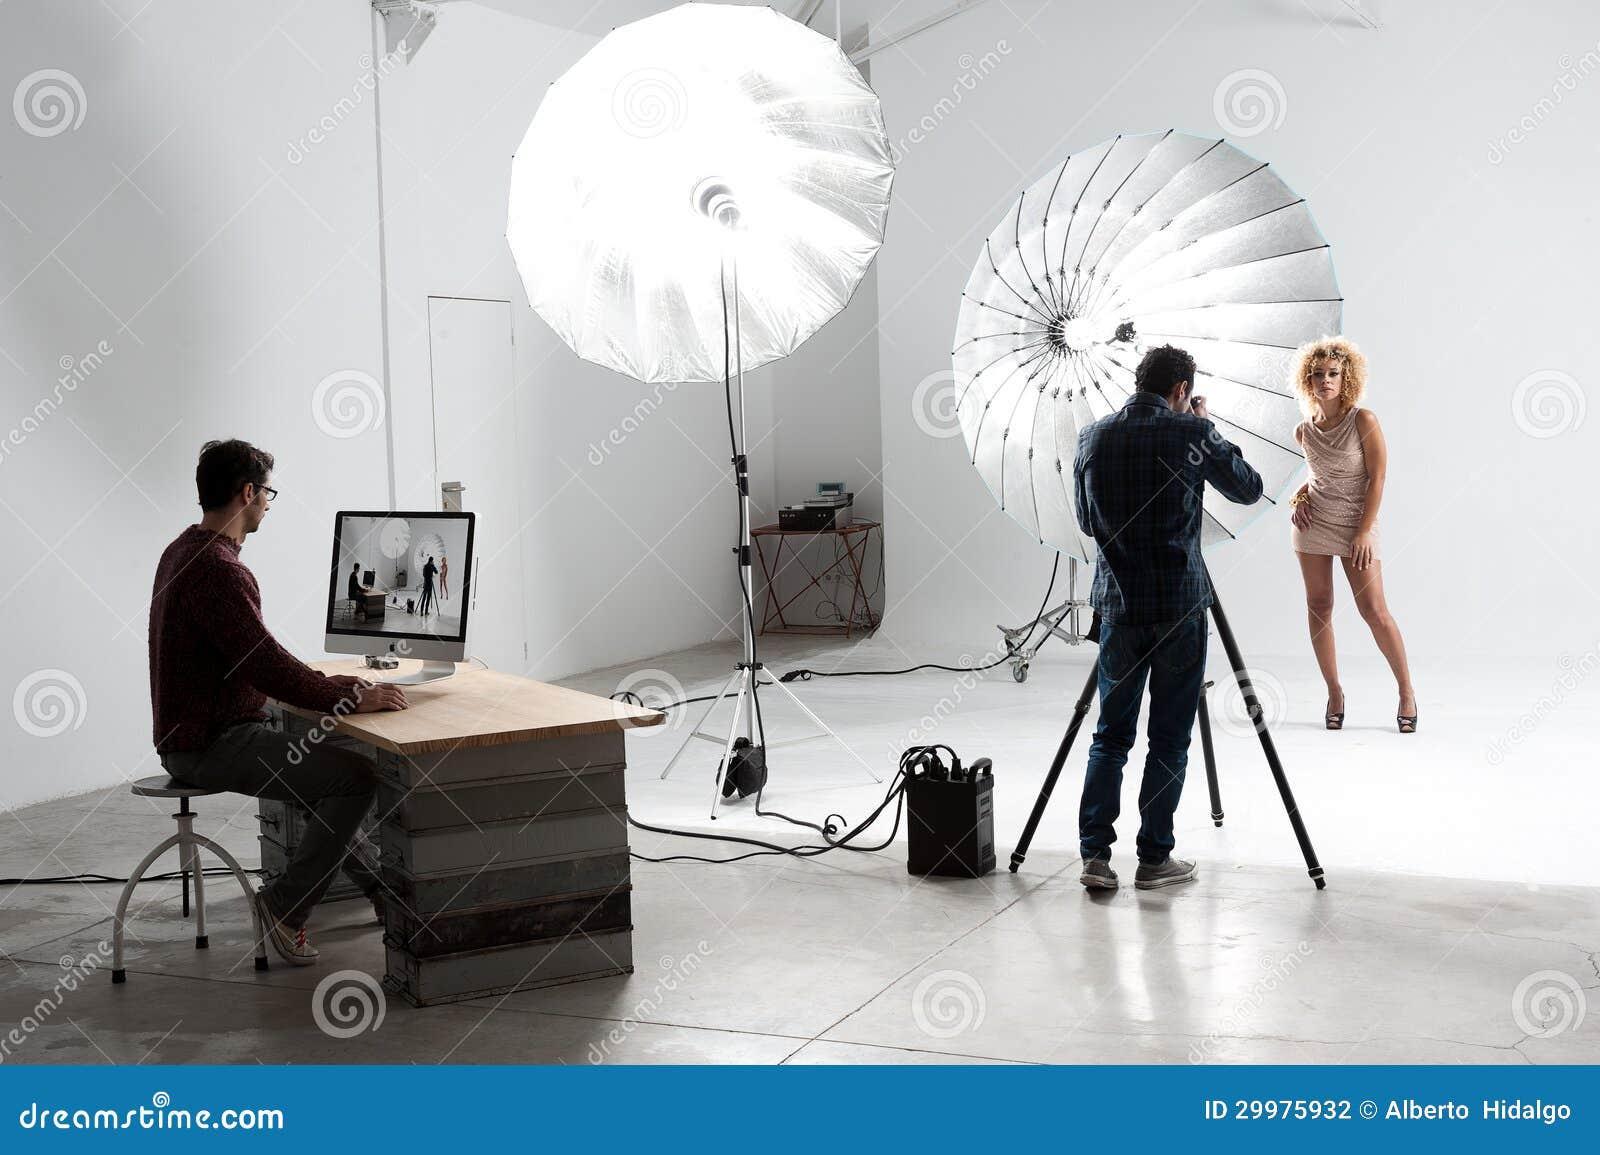 Модель и фотограф договор модель работает за фото